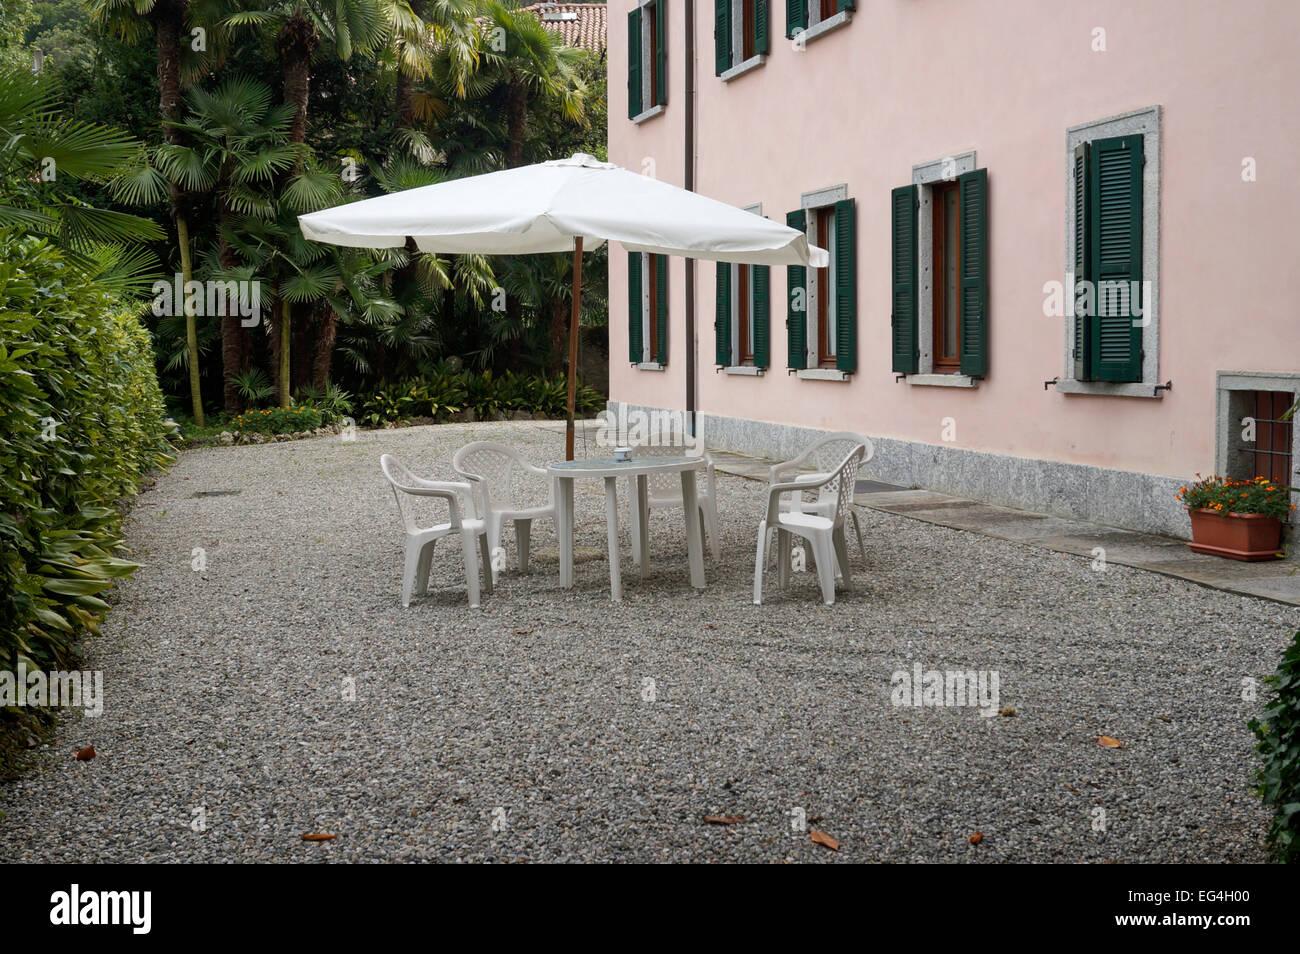 Abgeschiedenen Garten Terrasse Mit Sonnenschirm Tisch Und Stuhlen